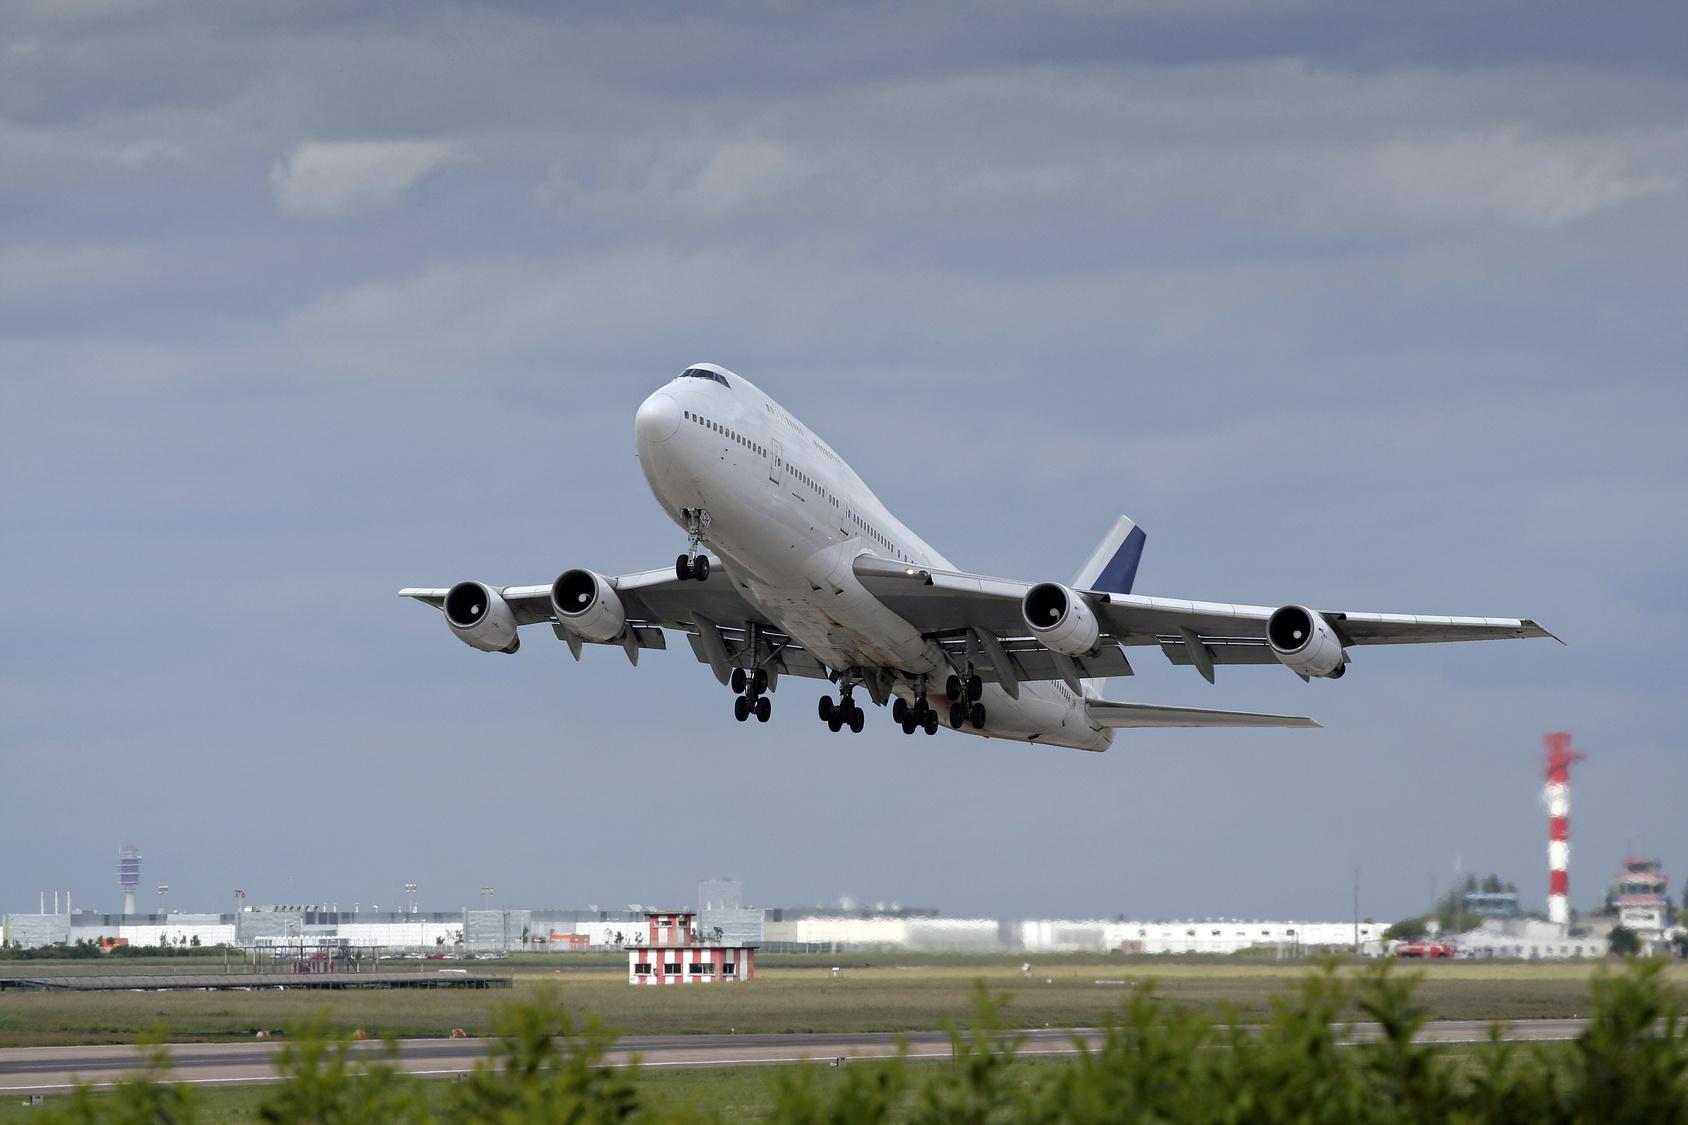 Le Jet Lag et l'avion